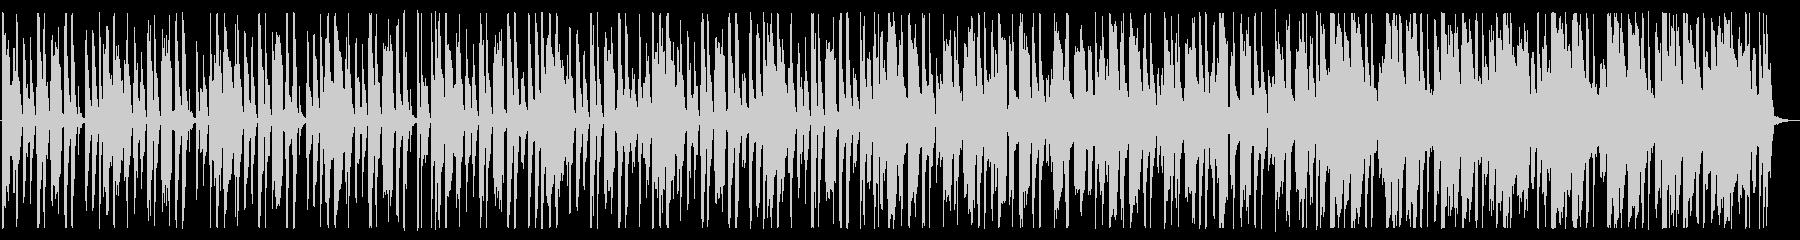 不思議/シンプル/R&B_No469_3の未再生の波形